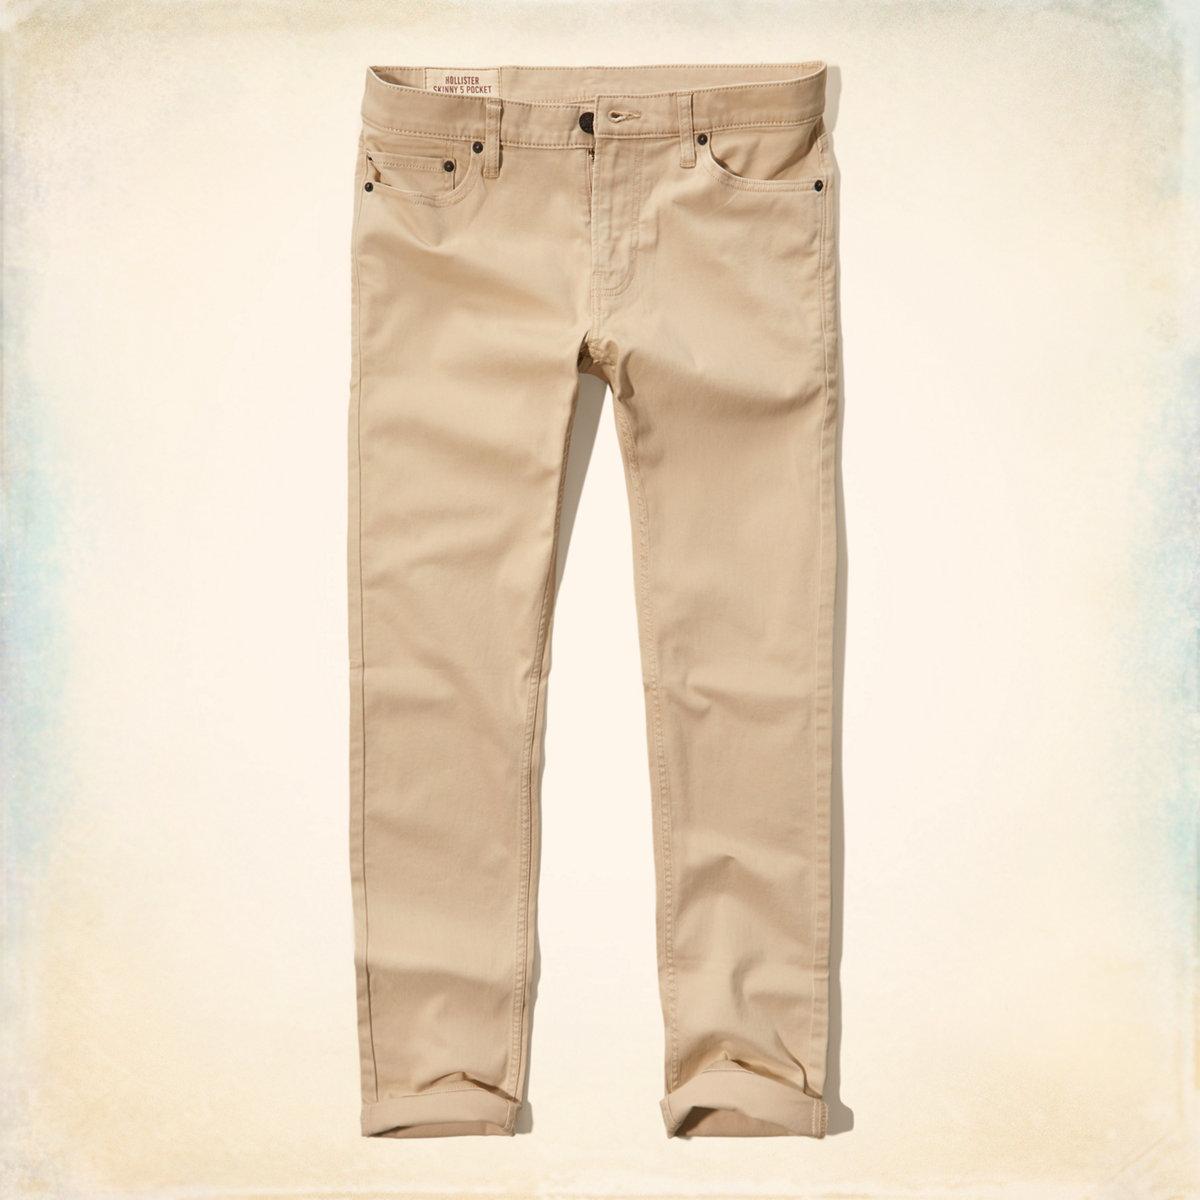 Hollister Skinny Five-Pocket Pants